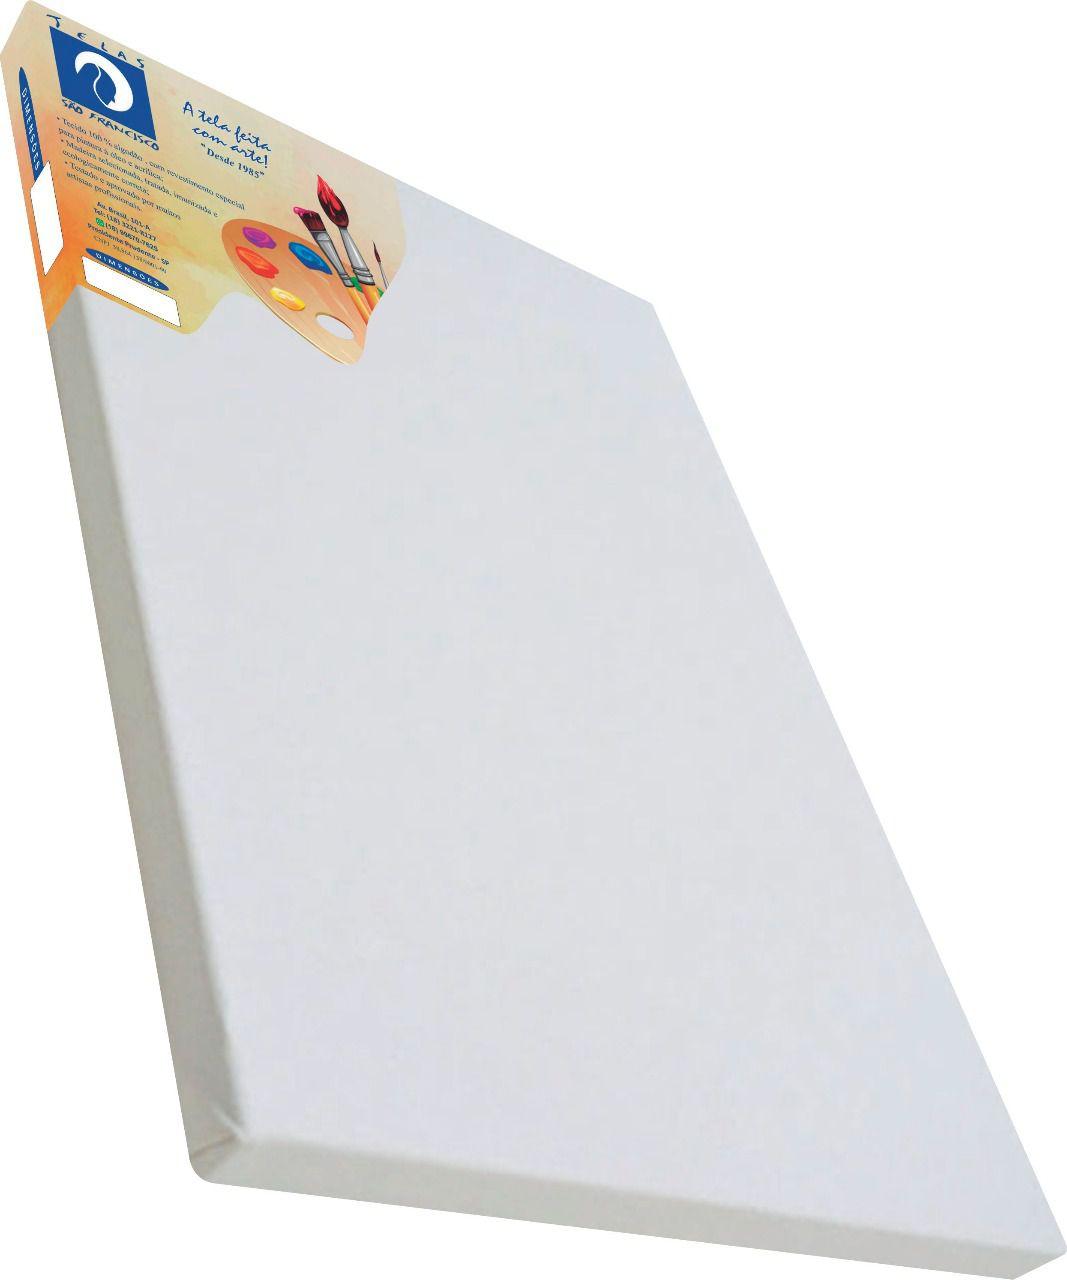 Tela comum para pintura 40x50cm - São Francisco